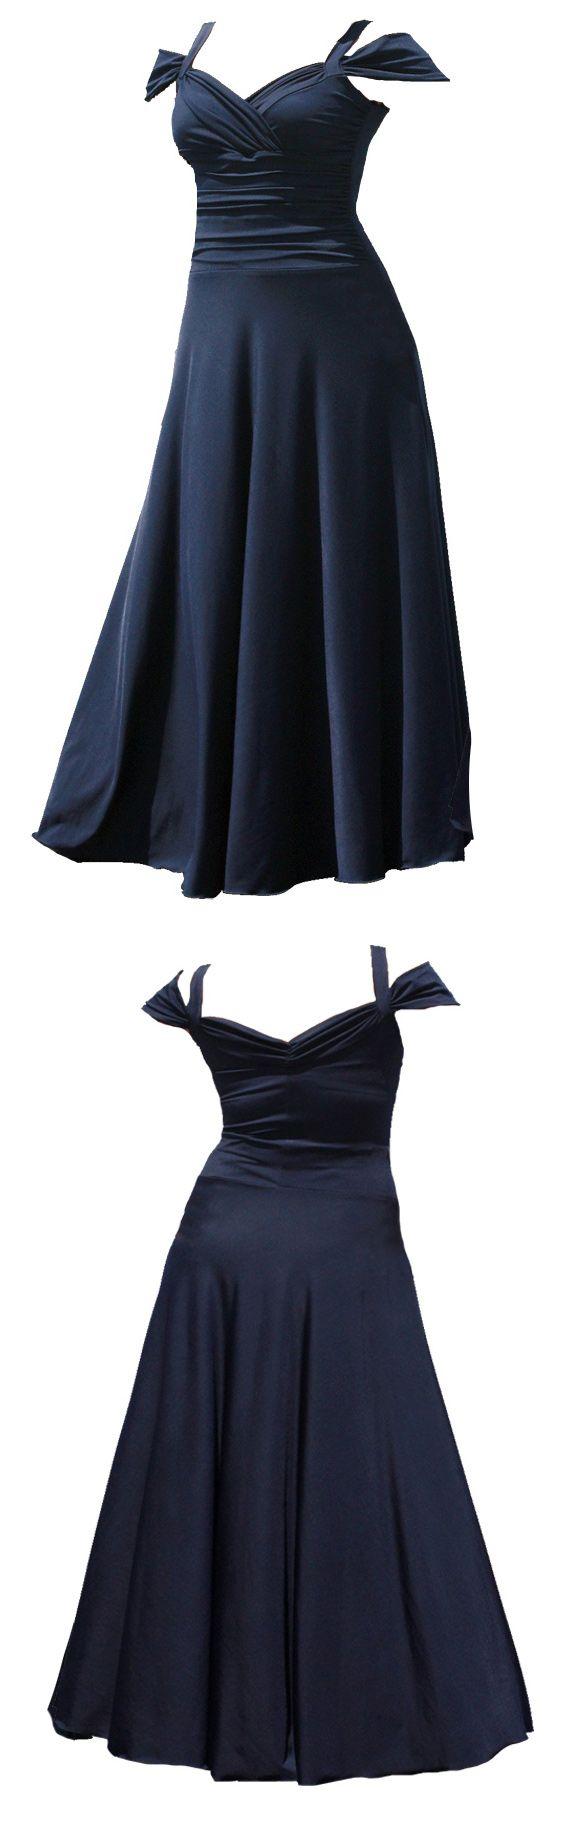 #navy Blue Bridesmaid Dresses #long Plus size bridesmaid dresses #elegant bridesmaid dresses plus size #long plus size bridesmaid dresses #high quality bridesmaid dresses #soft bridesmaid dresses